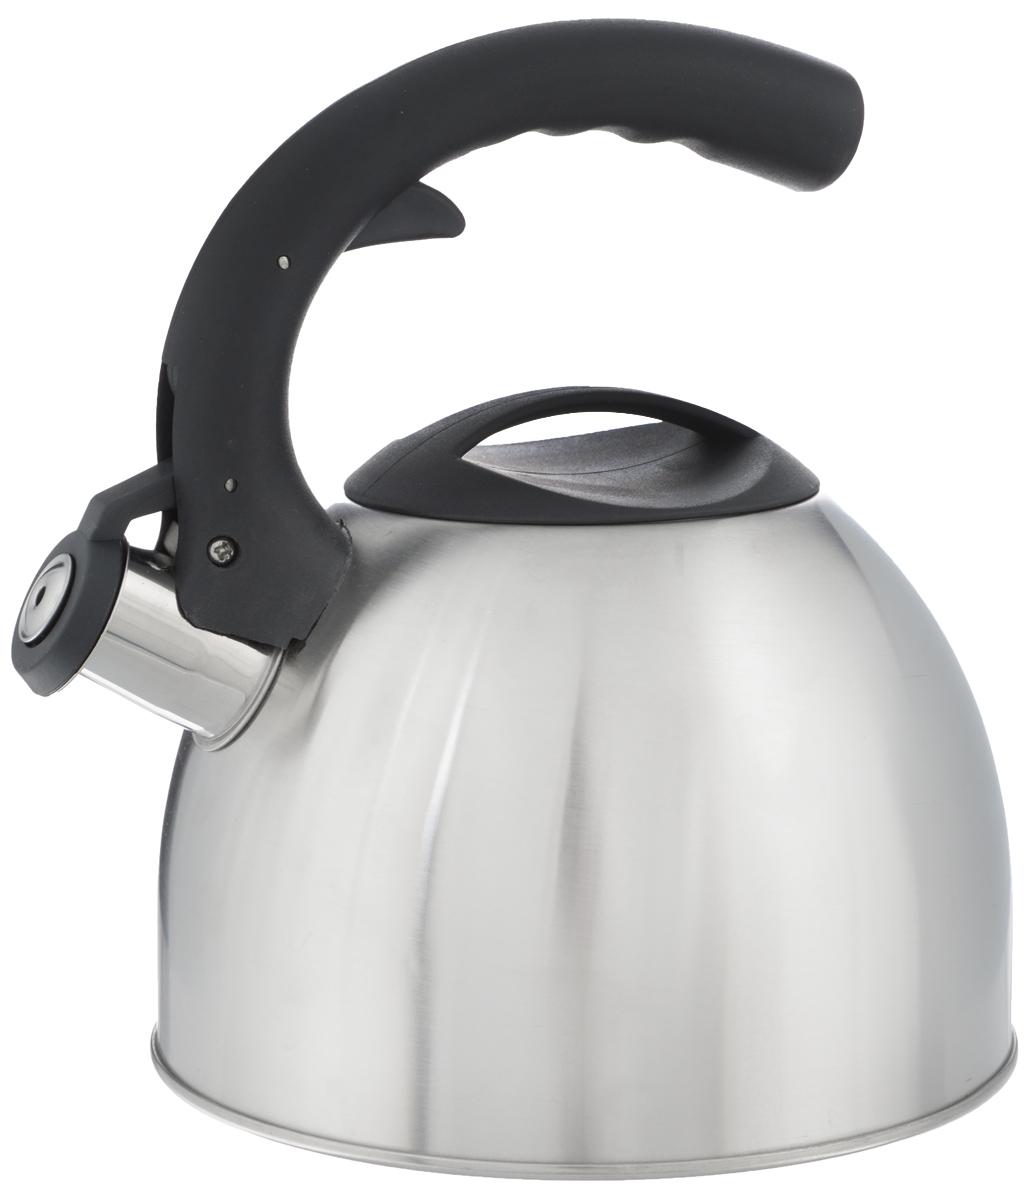 Чайник Mayer & Boch, со свистком, 2,5 л. 2319423194Чайник Mayer & Boch изготовлен из высококачественной нержавеющей стали с матовой полировкой, что делает его весьма гигиеничным и устойчивым к износу при длительном использовании. Нержавеющая сталь обладает высокой устойчивостью к коррозии, не окисляется и не впитывает запахи, благодаря чему вы всегда получите натуральный, насыщенный вкус и аромат напитков. Особая конструкция дна способствует высокой теплопроводности и равномерному распределению тепла. Чайник оснащен фиксированной нейлоновой ручкой, на которой расположена клавиша механизма открывания носика. Носик чайника имеет откидной свисток, звуковой сигнал которого подскажет, когда закипит вода. Эстетичный и функциональный, с современным дизайном, чайник будет оригинально смотреться на любой кухне. Подходит для использования на всех типах плит, кроме индукционных. Пригоден для мытья в посудомоечной машине. Диаметр (по верхнему краю): 10 см. Высота...